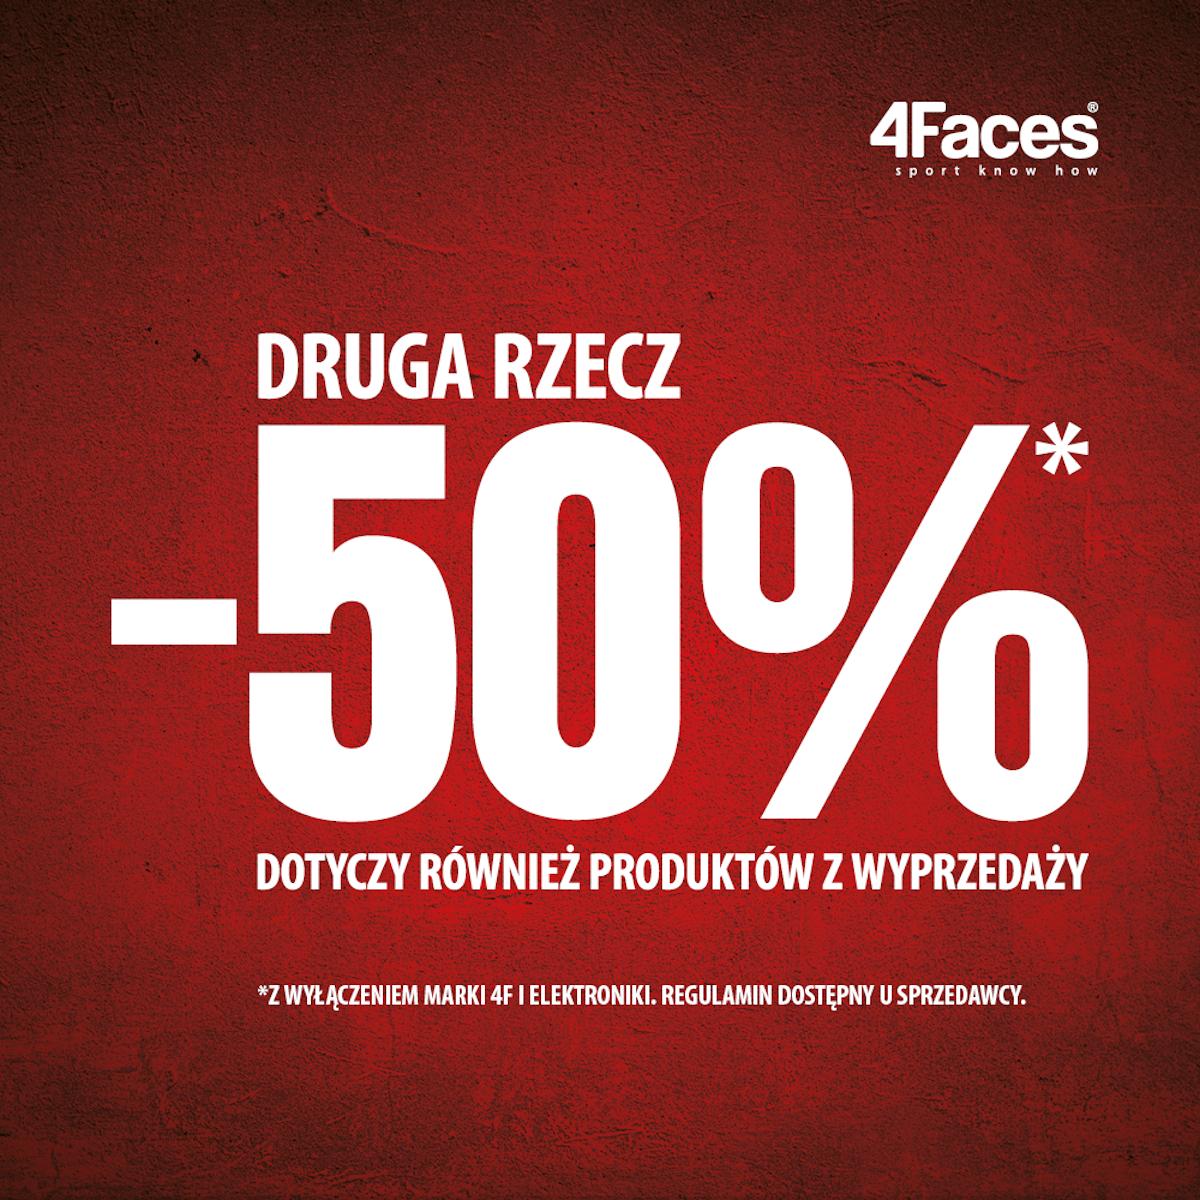 -50% na drugą tańszą rzecz od ceny bieżącej w 4Faces!